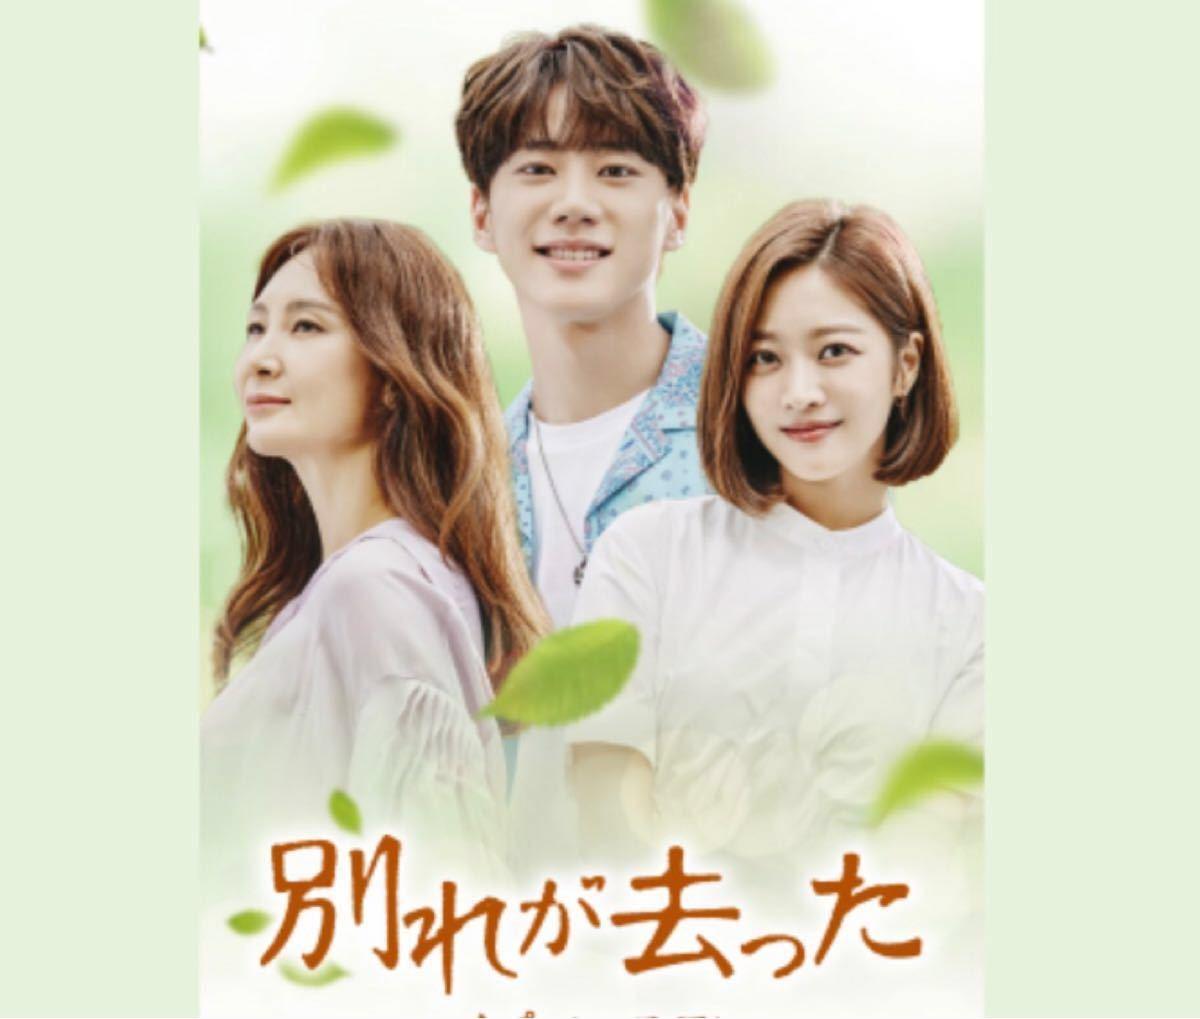 韓国ドラマ 別れが去った ブルーレイ/Blu-ray全話